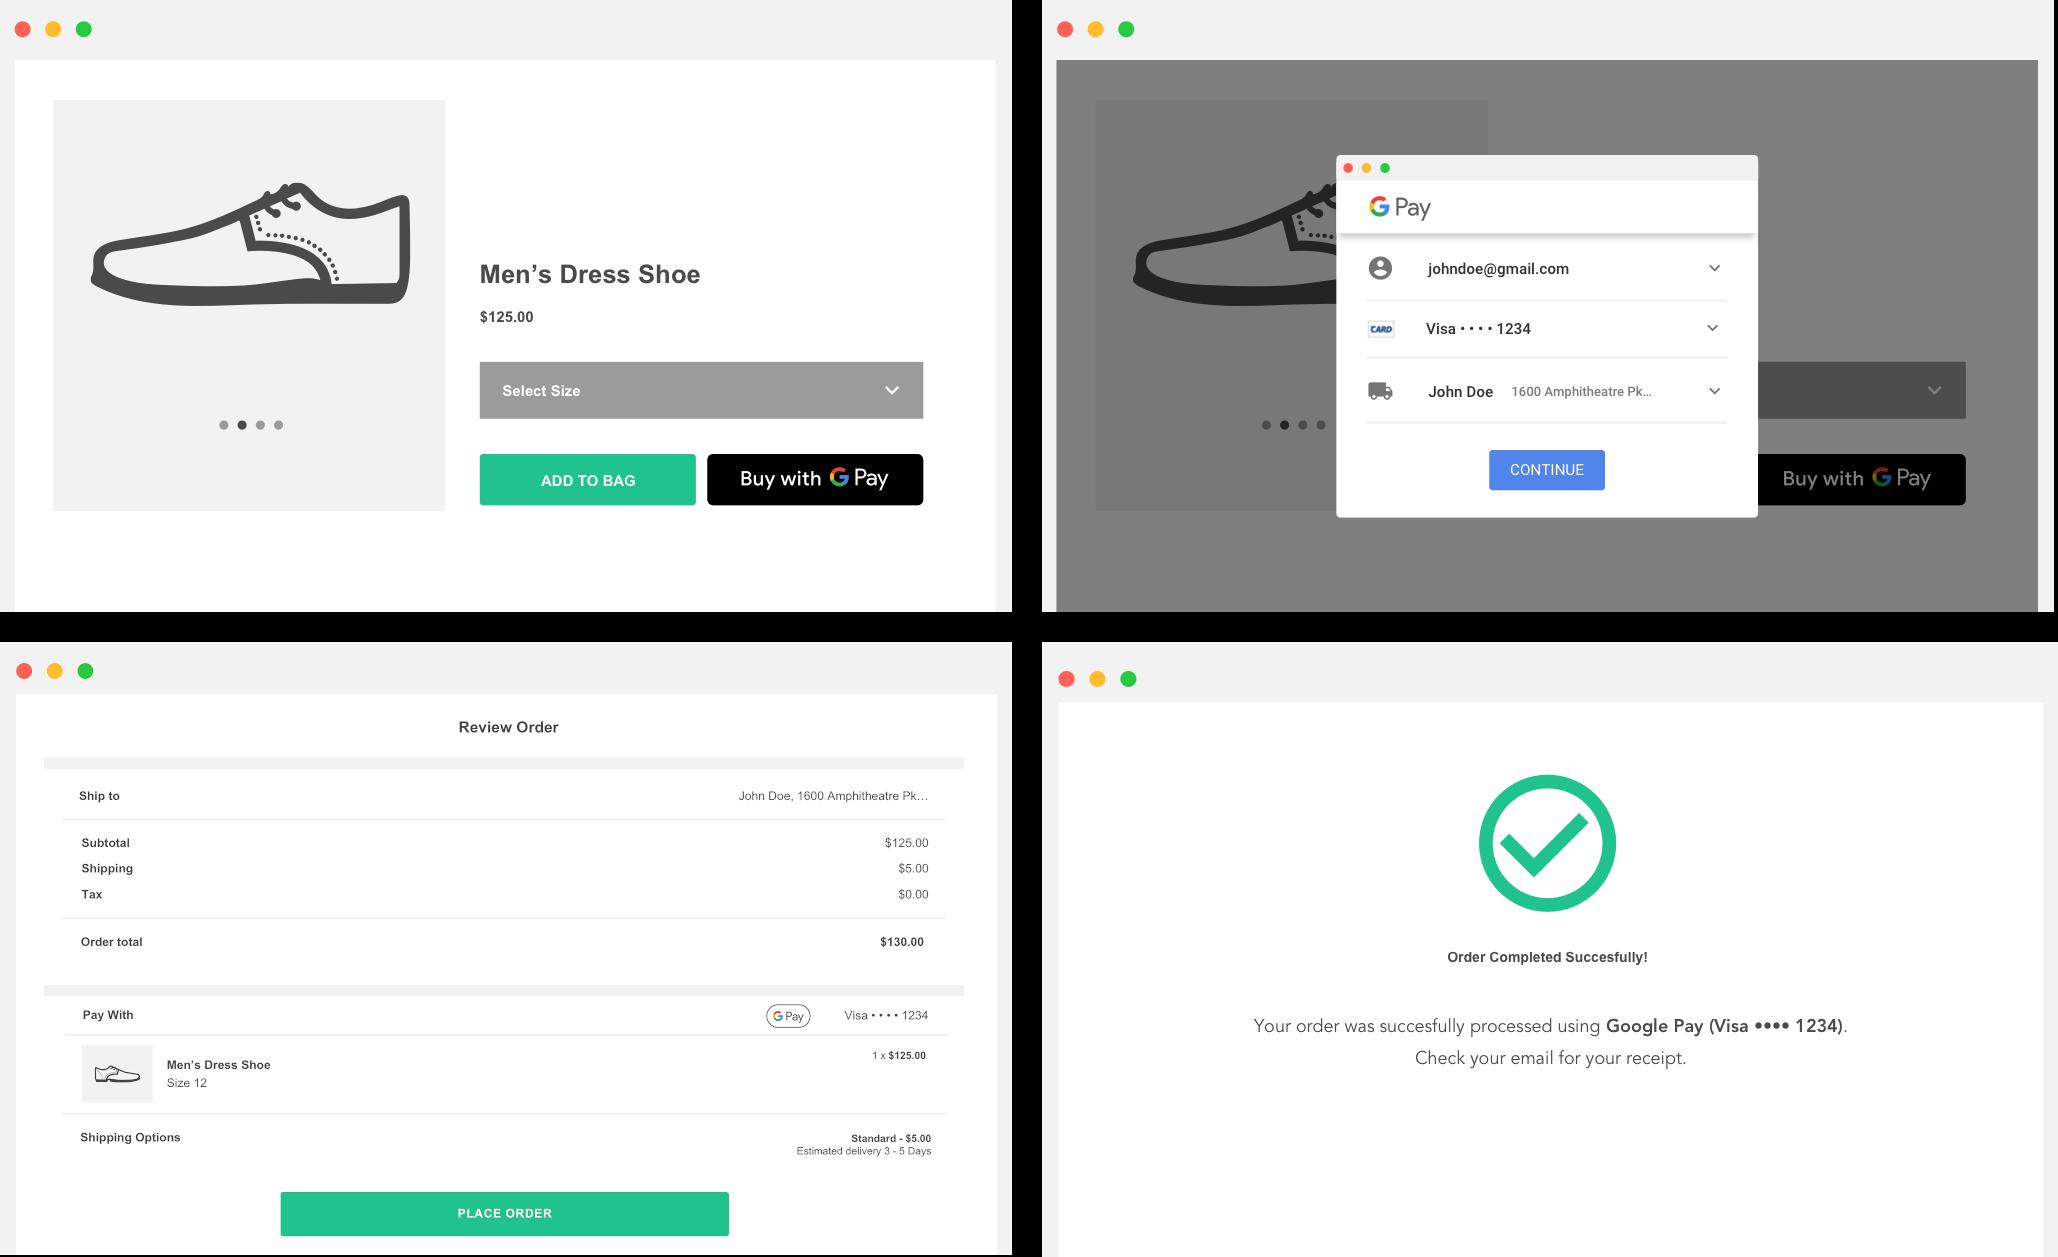 웹 구매 과정의 환경